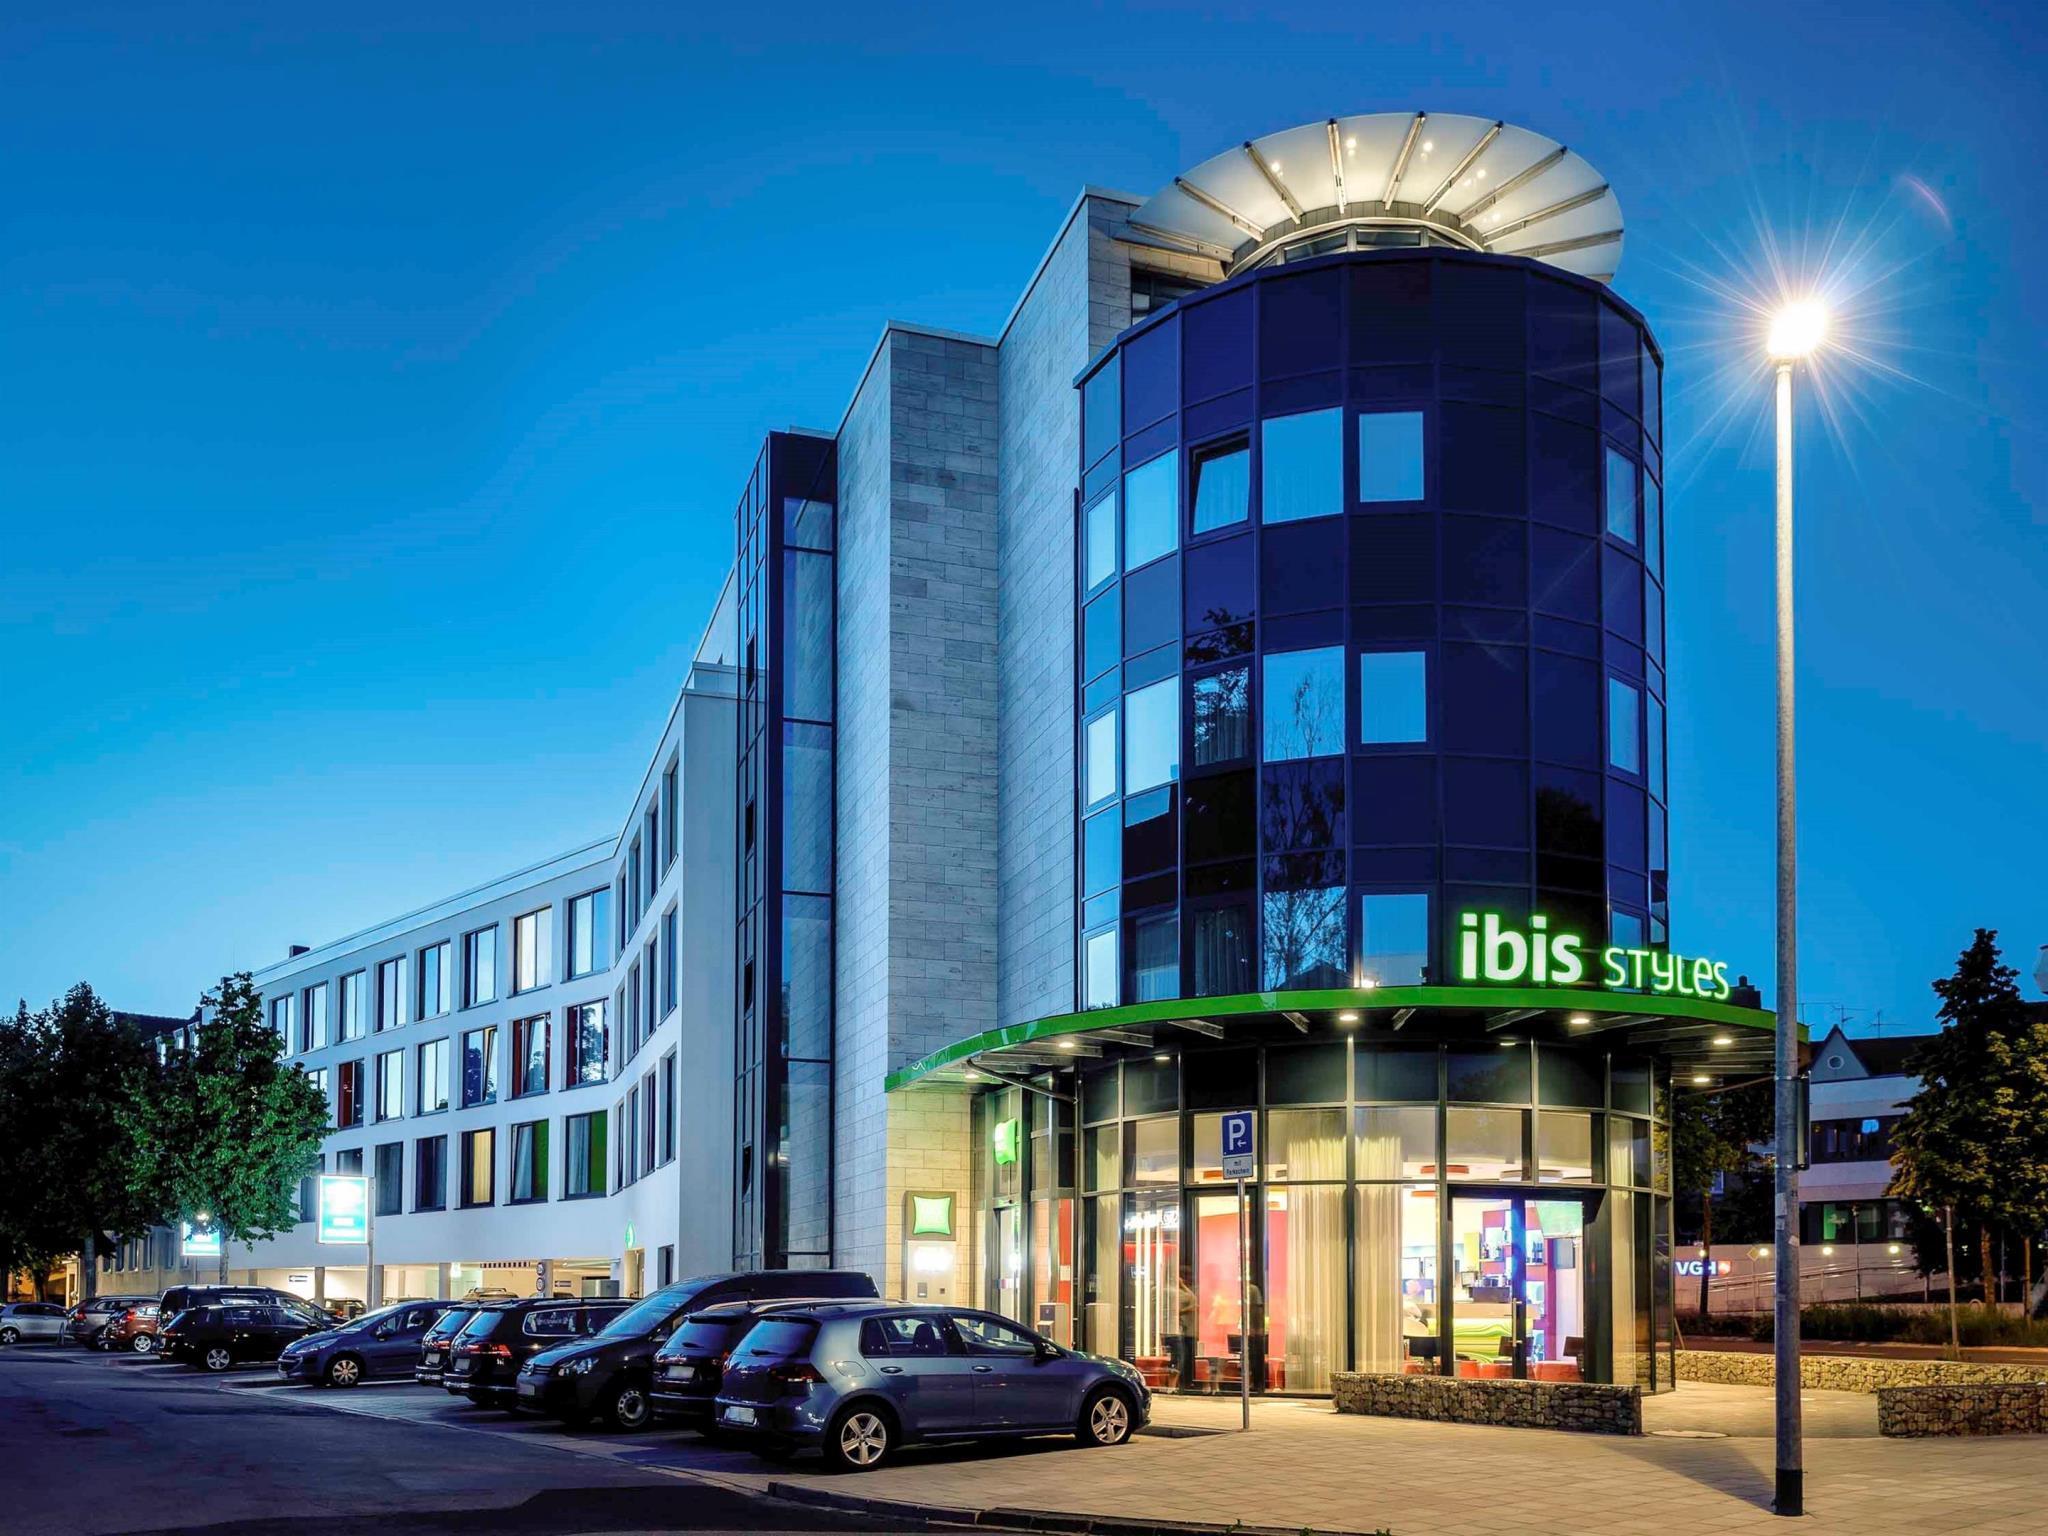 Ibis Styles Hildesheim